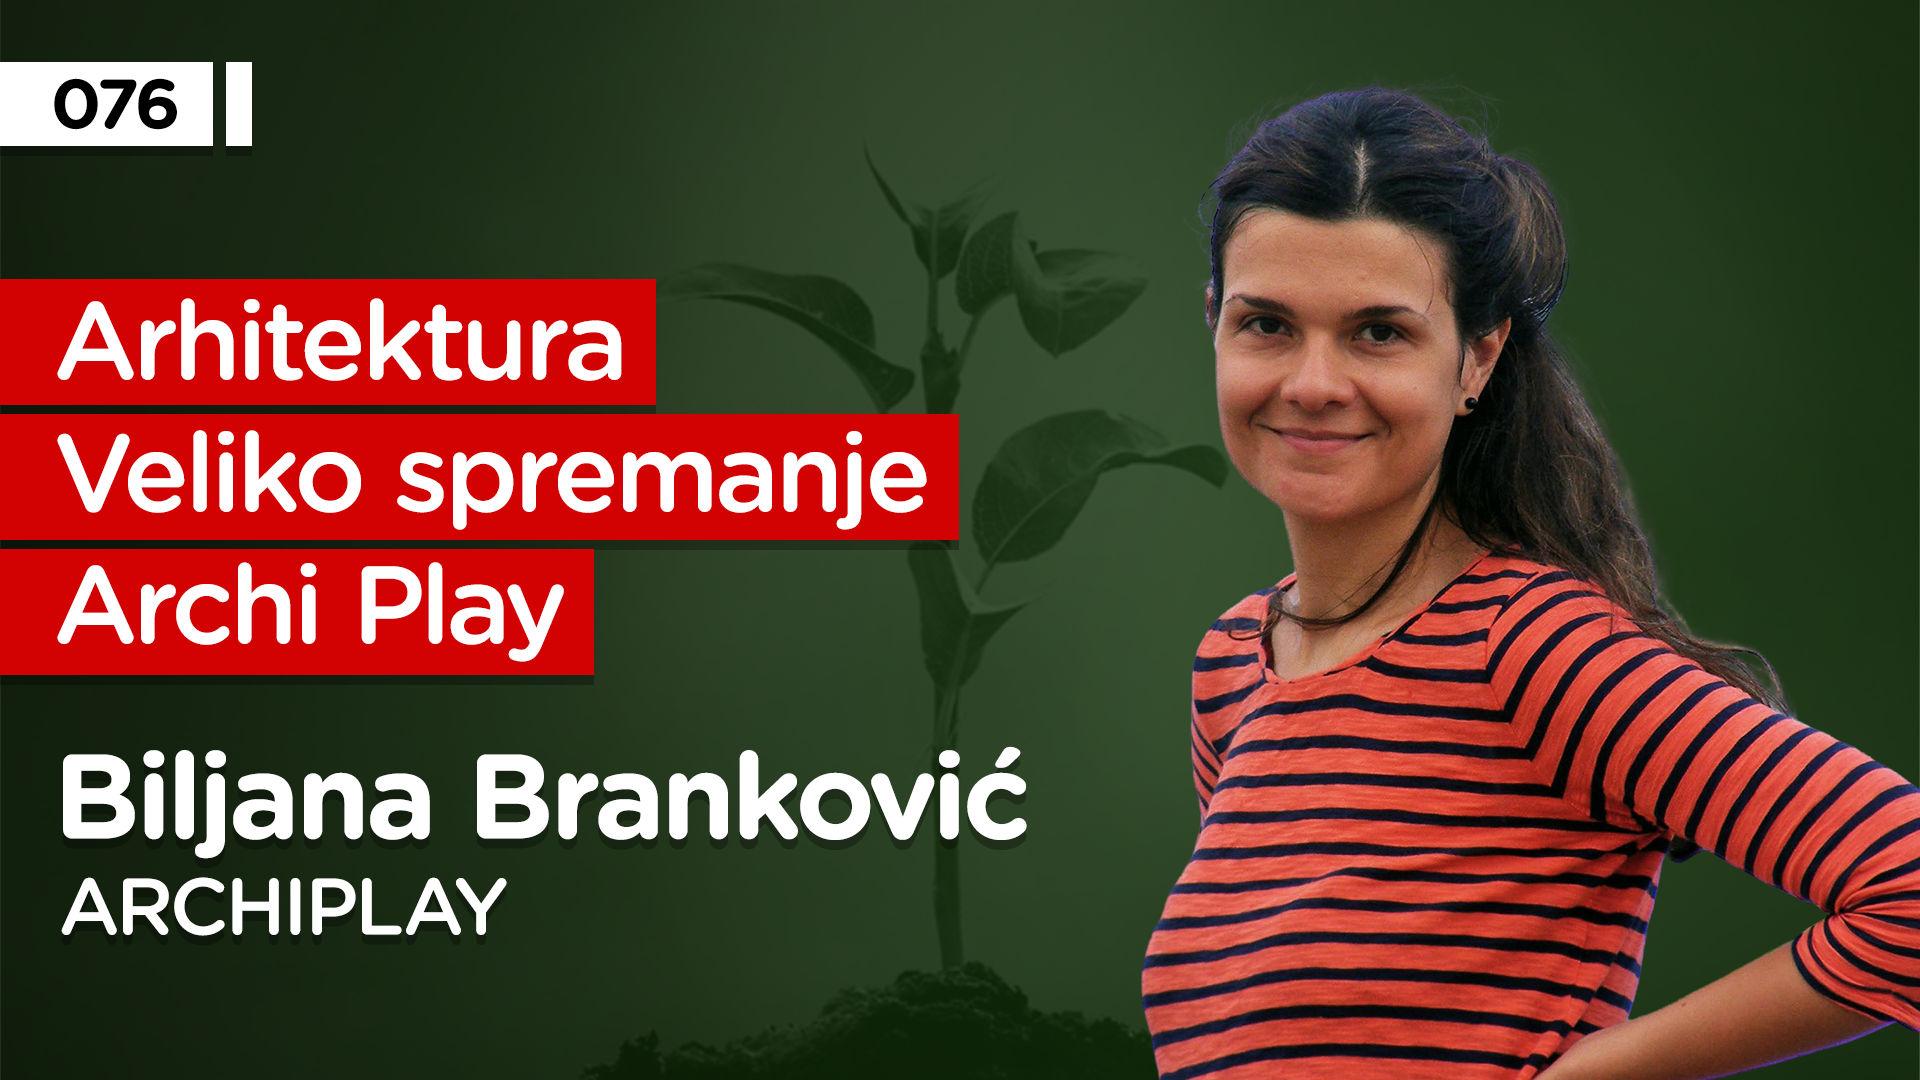 EP076: Biljana Branković